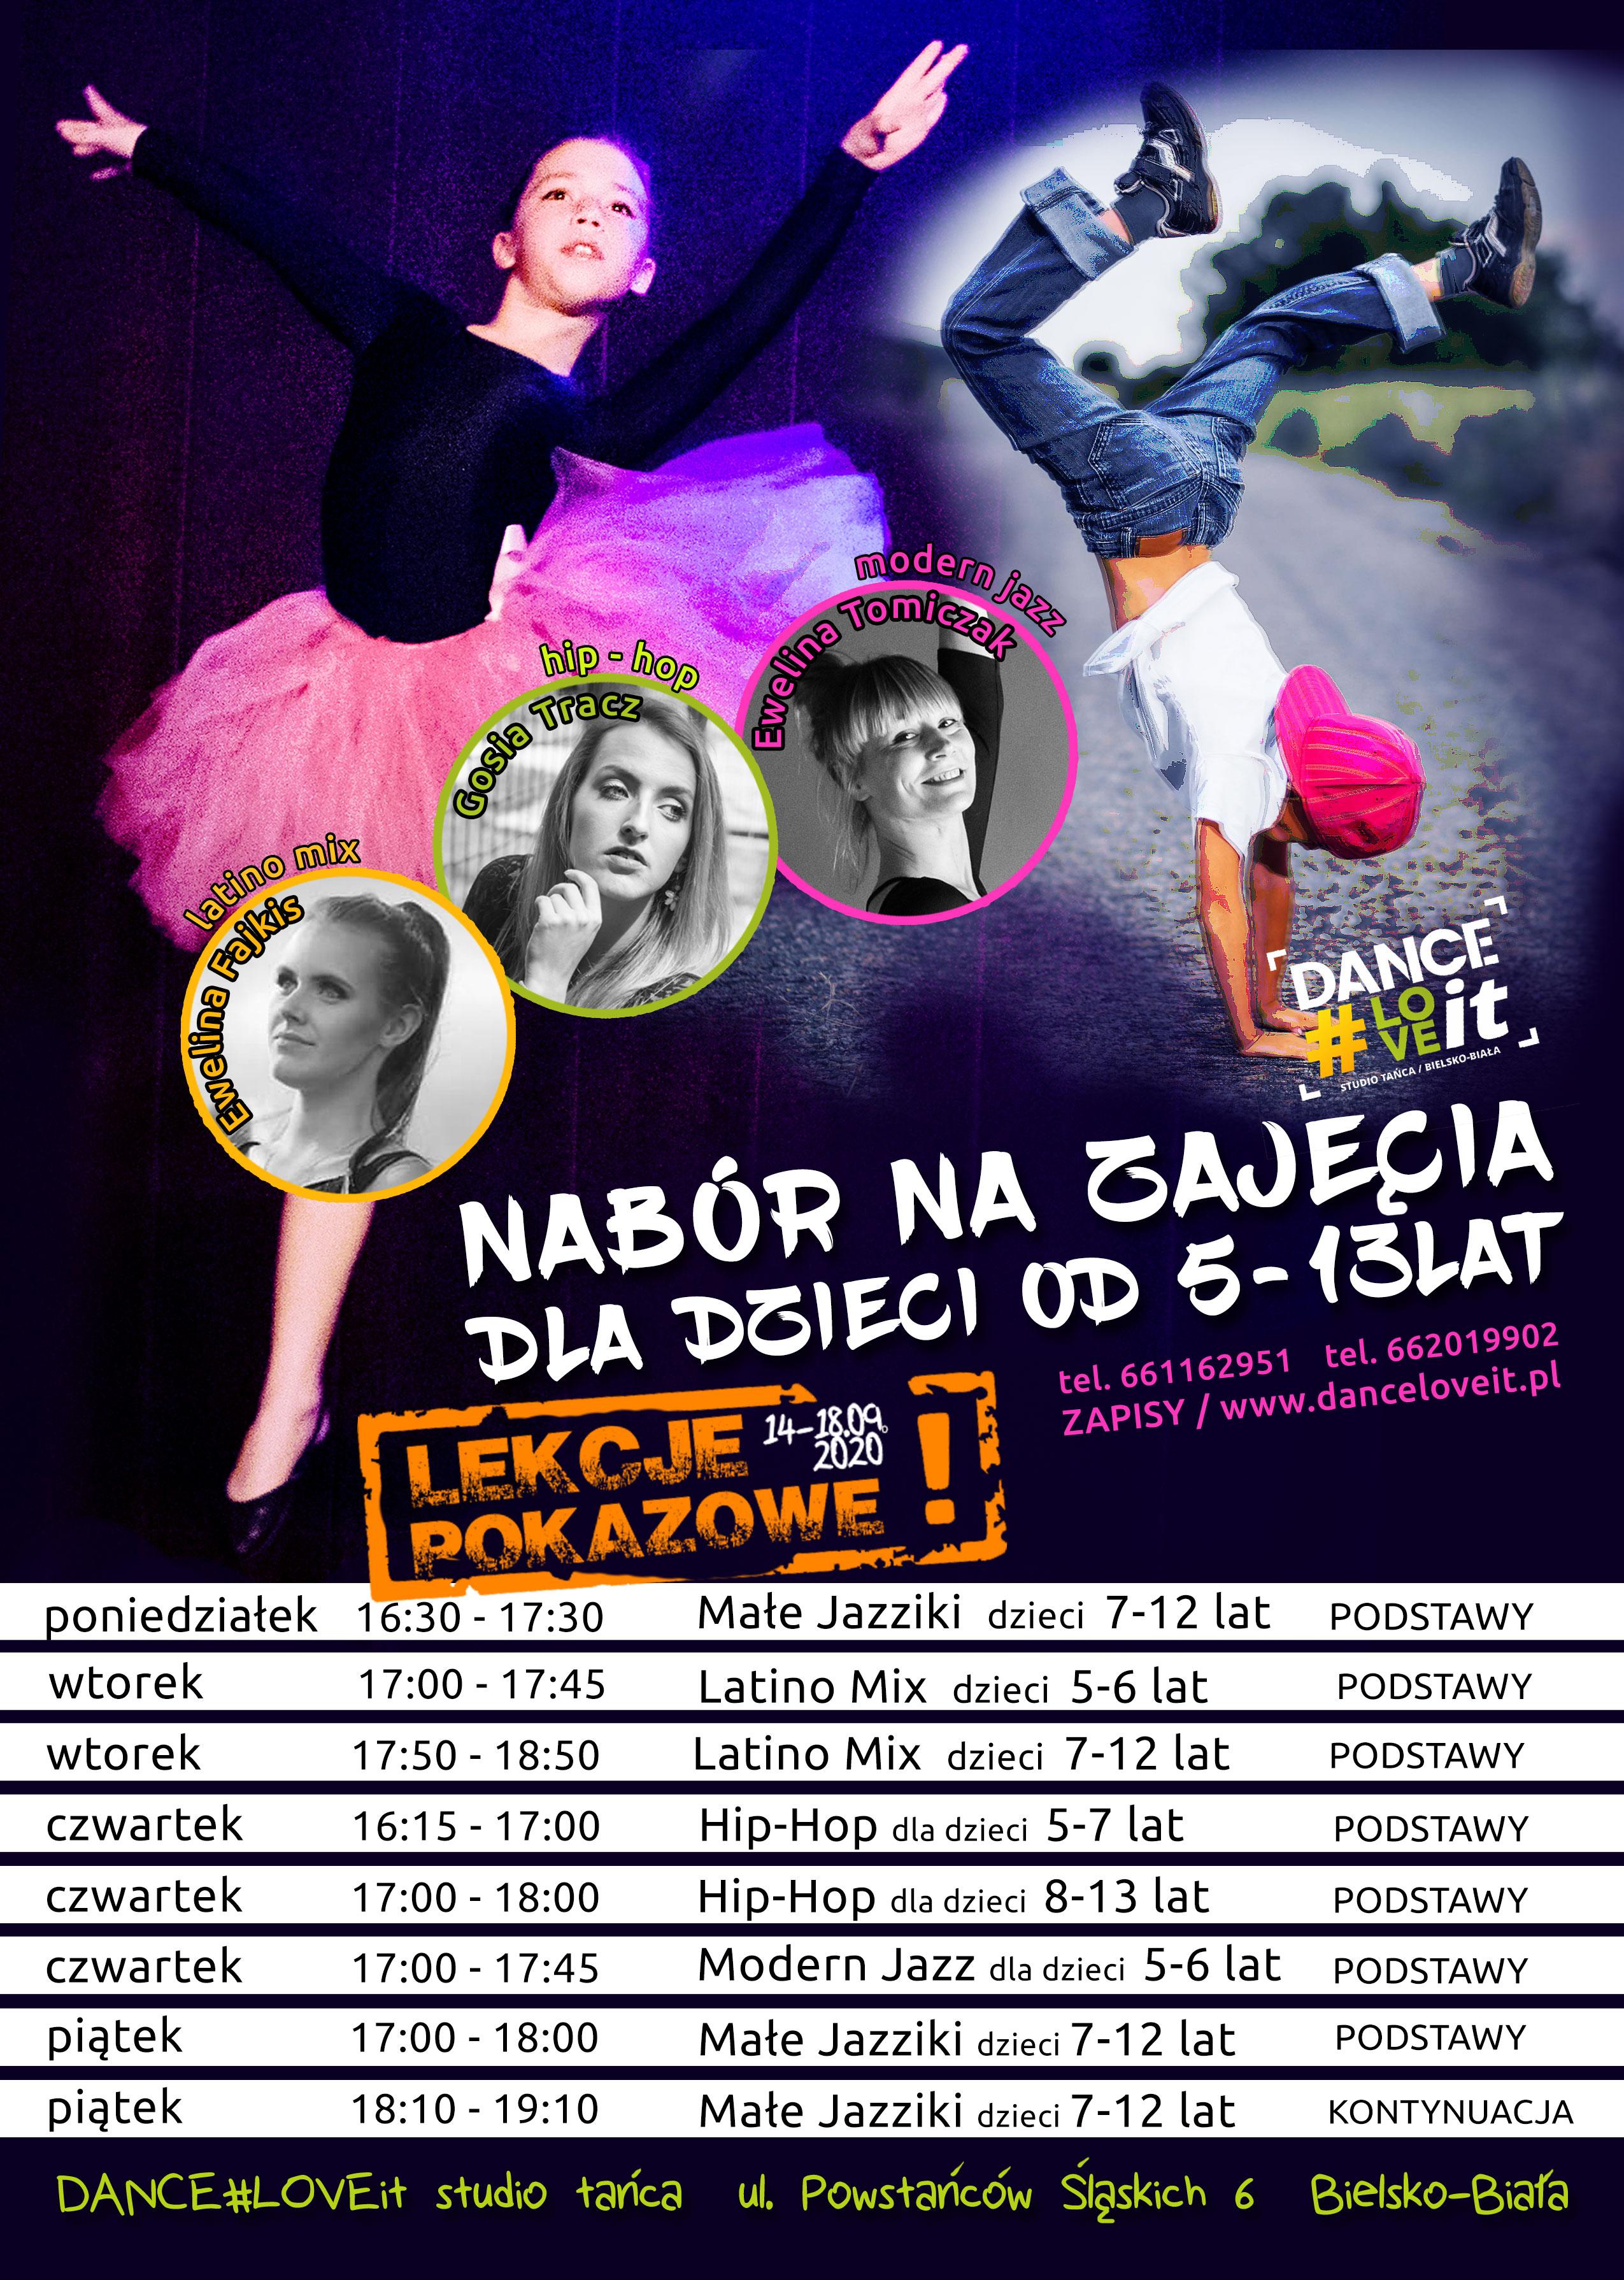 nabor-na-zajecia-taneczne-dla-dzieci-danceloveit-2020- bielsko-biala-modern-jazz-hip-hop-latino-